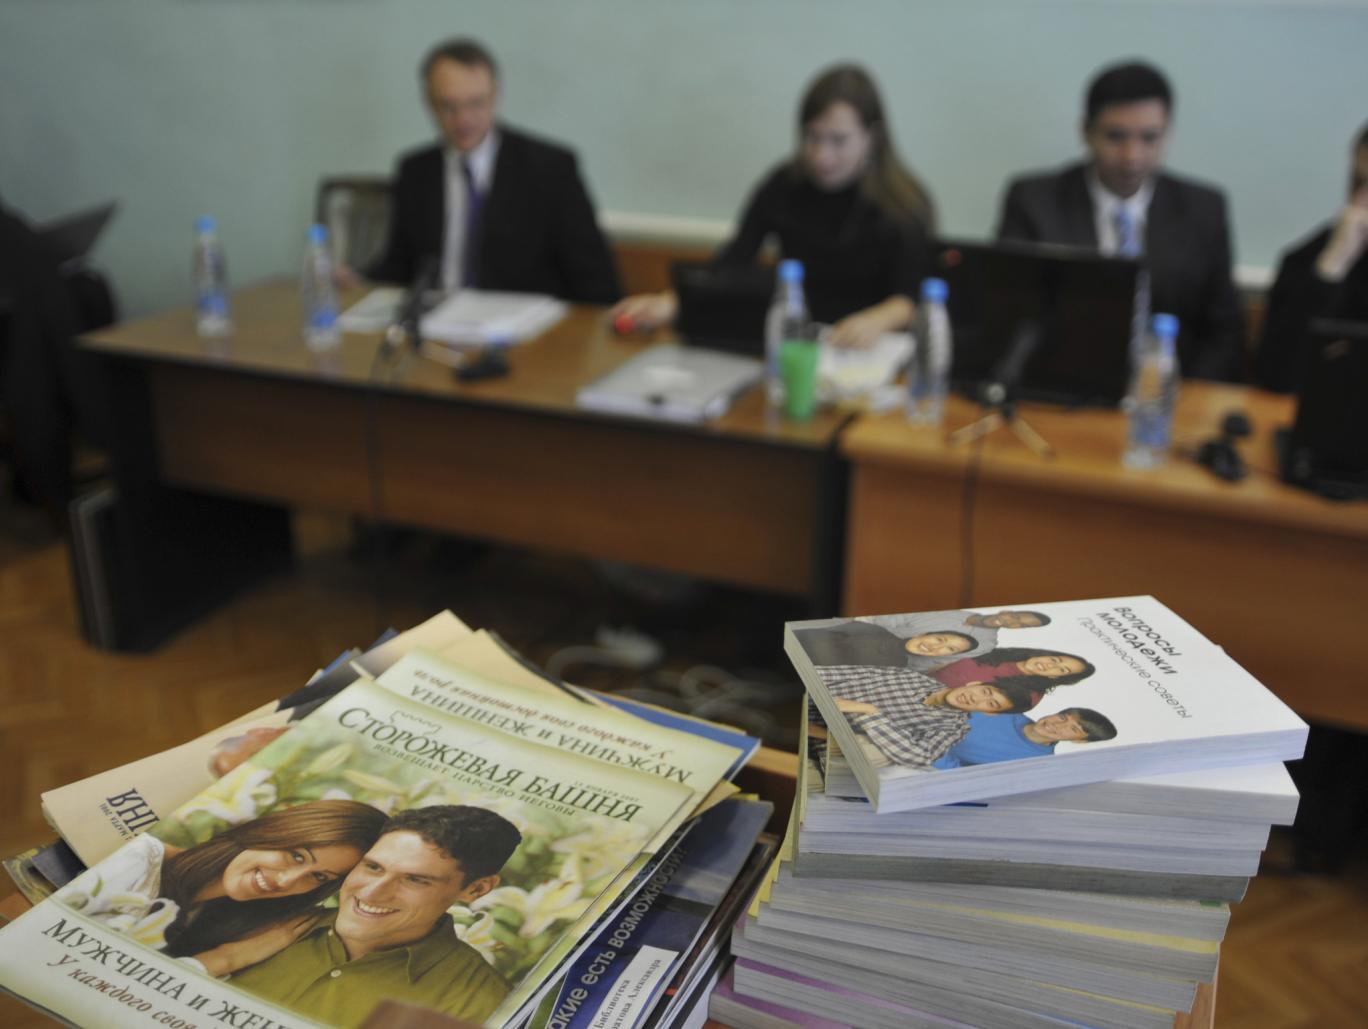 Русија ги забрани Јеховините сведоци и ги прогласи за екстремистичка секта